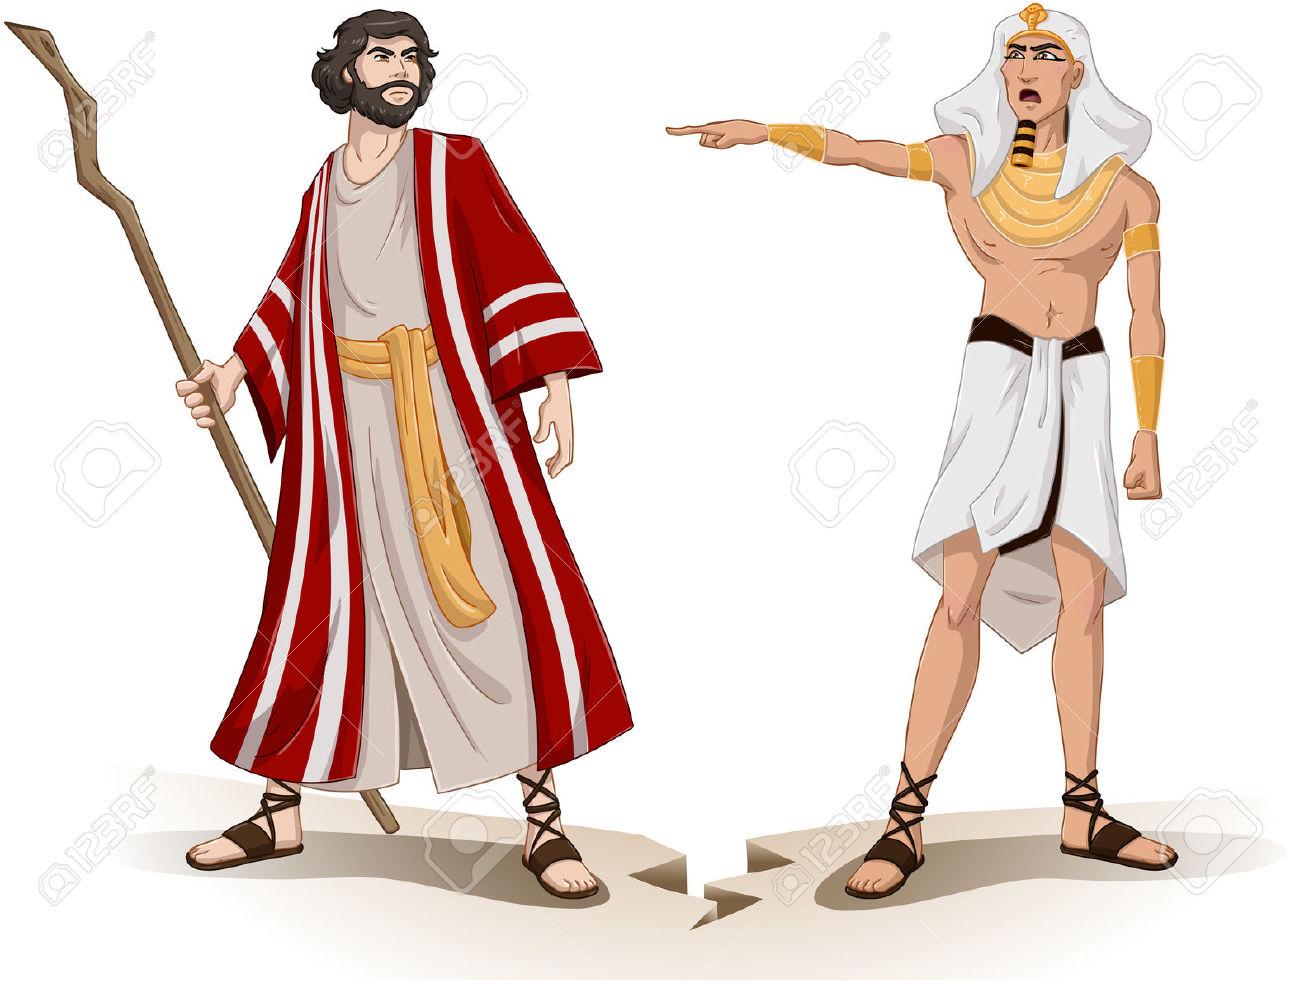 Egyptian clipart moses pharaoh, Egyptian moses pharaoh.